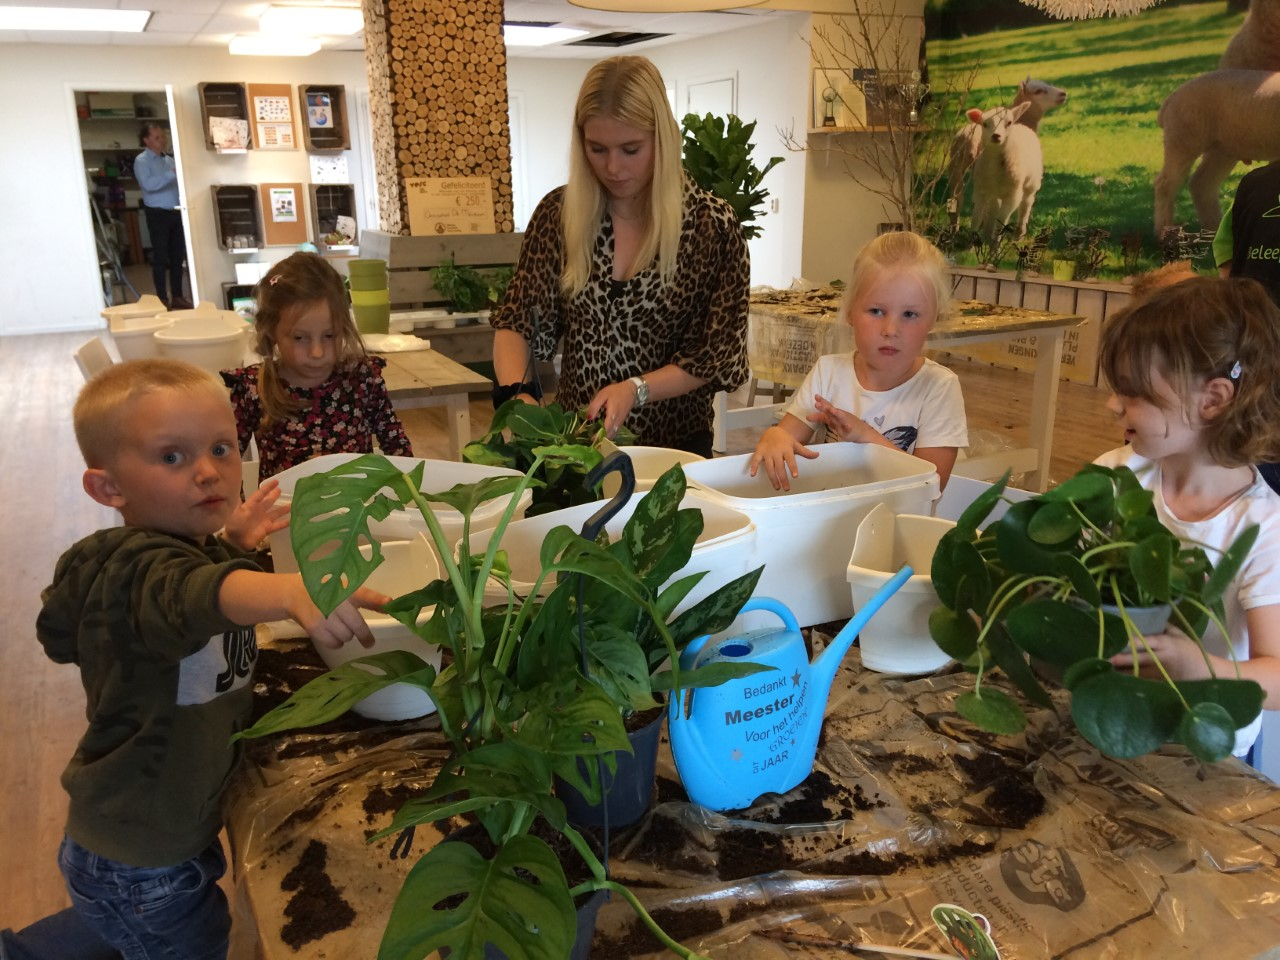 Omnis Kindcentrum de Meidoorn breidt groen onderwijsconcept uit met een IVN BinnenBos